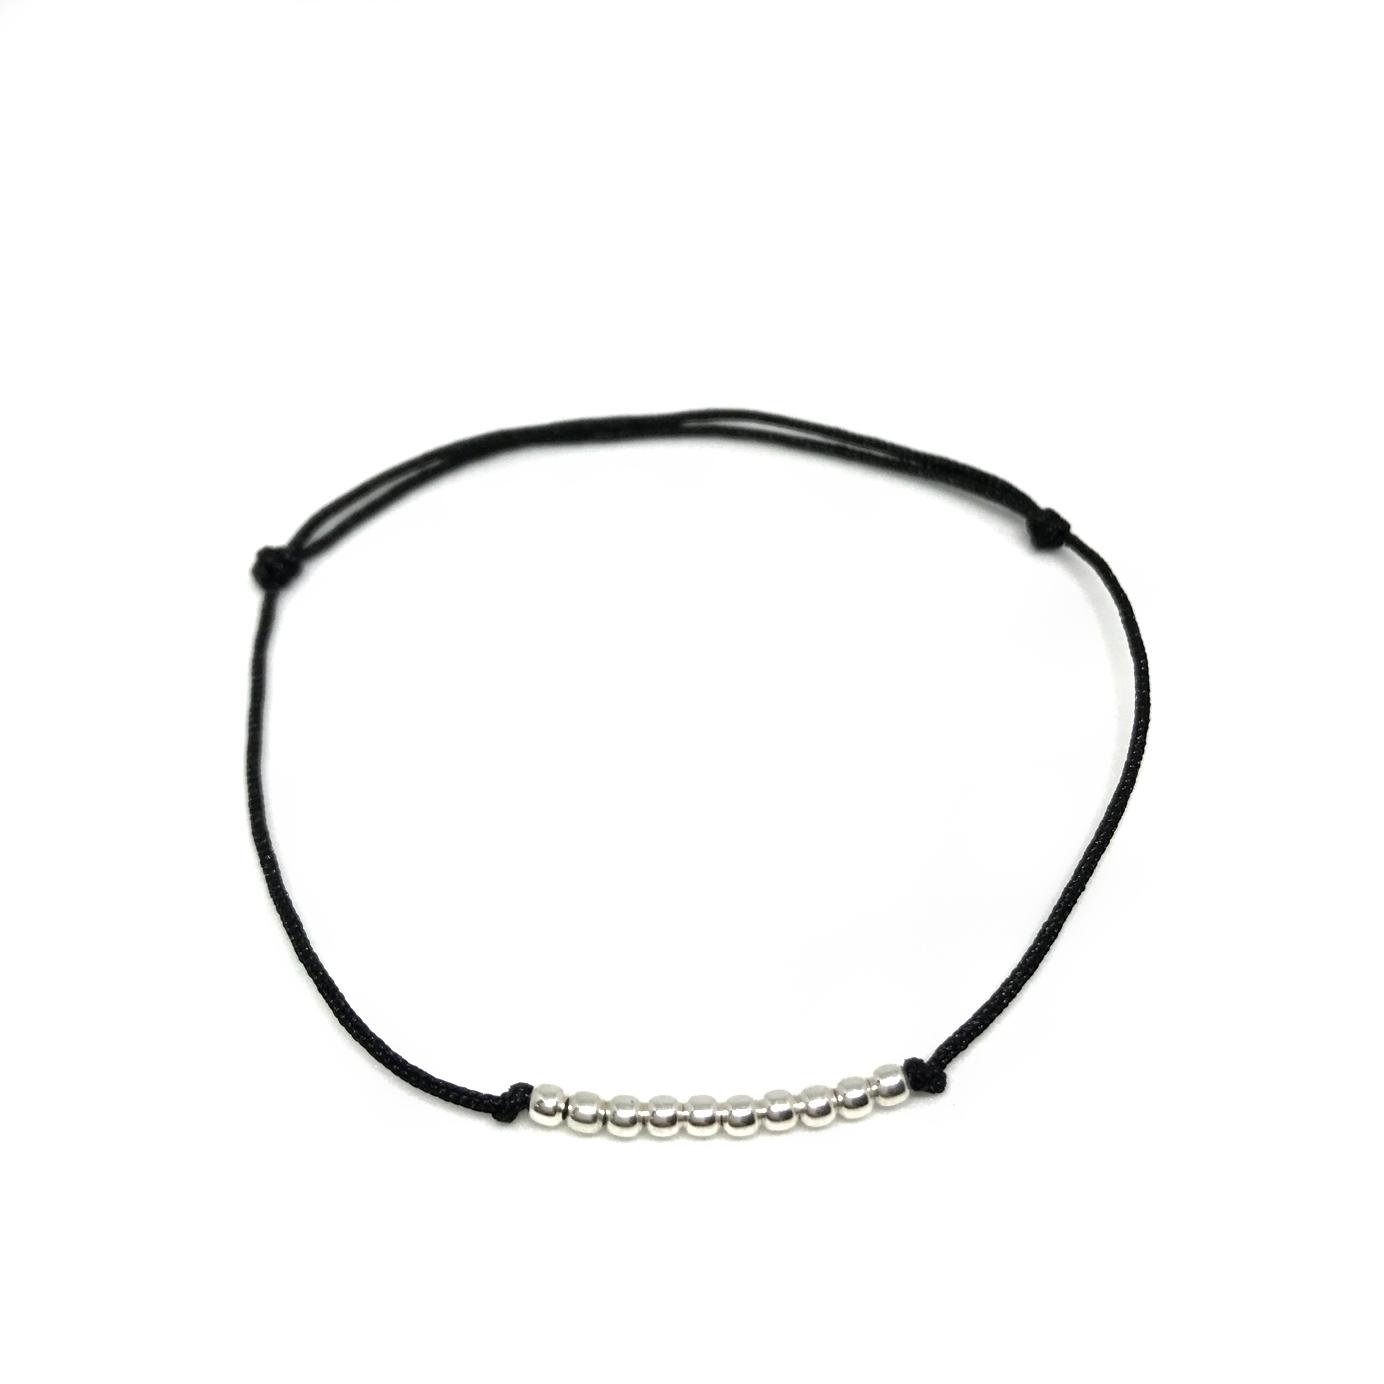 Pánský náramek s korálky černý/stříbrný Mou Jewel